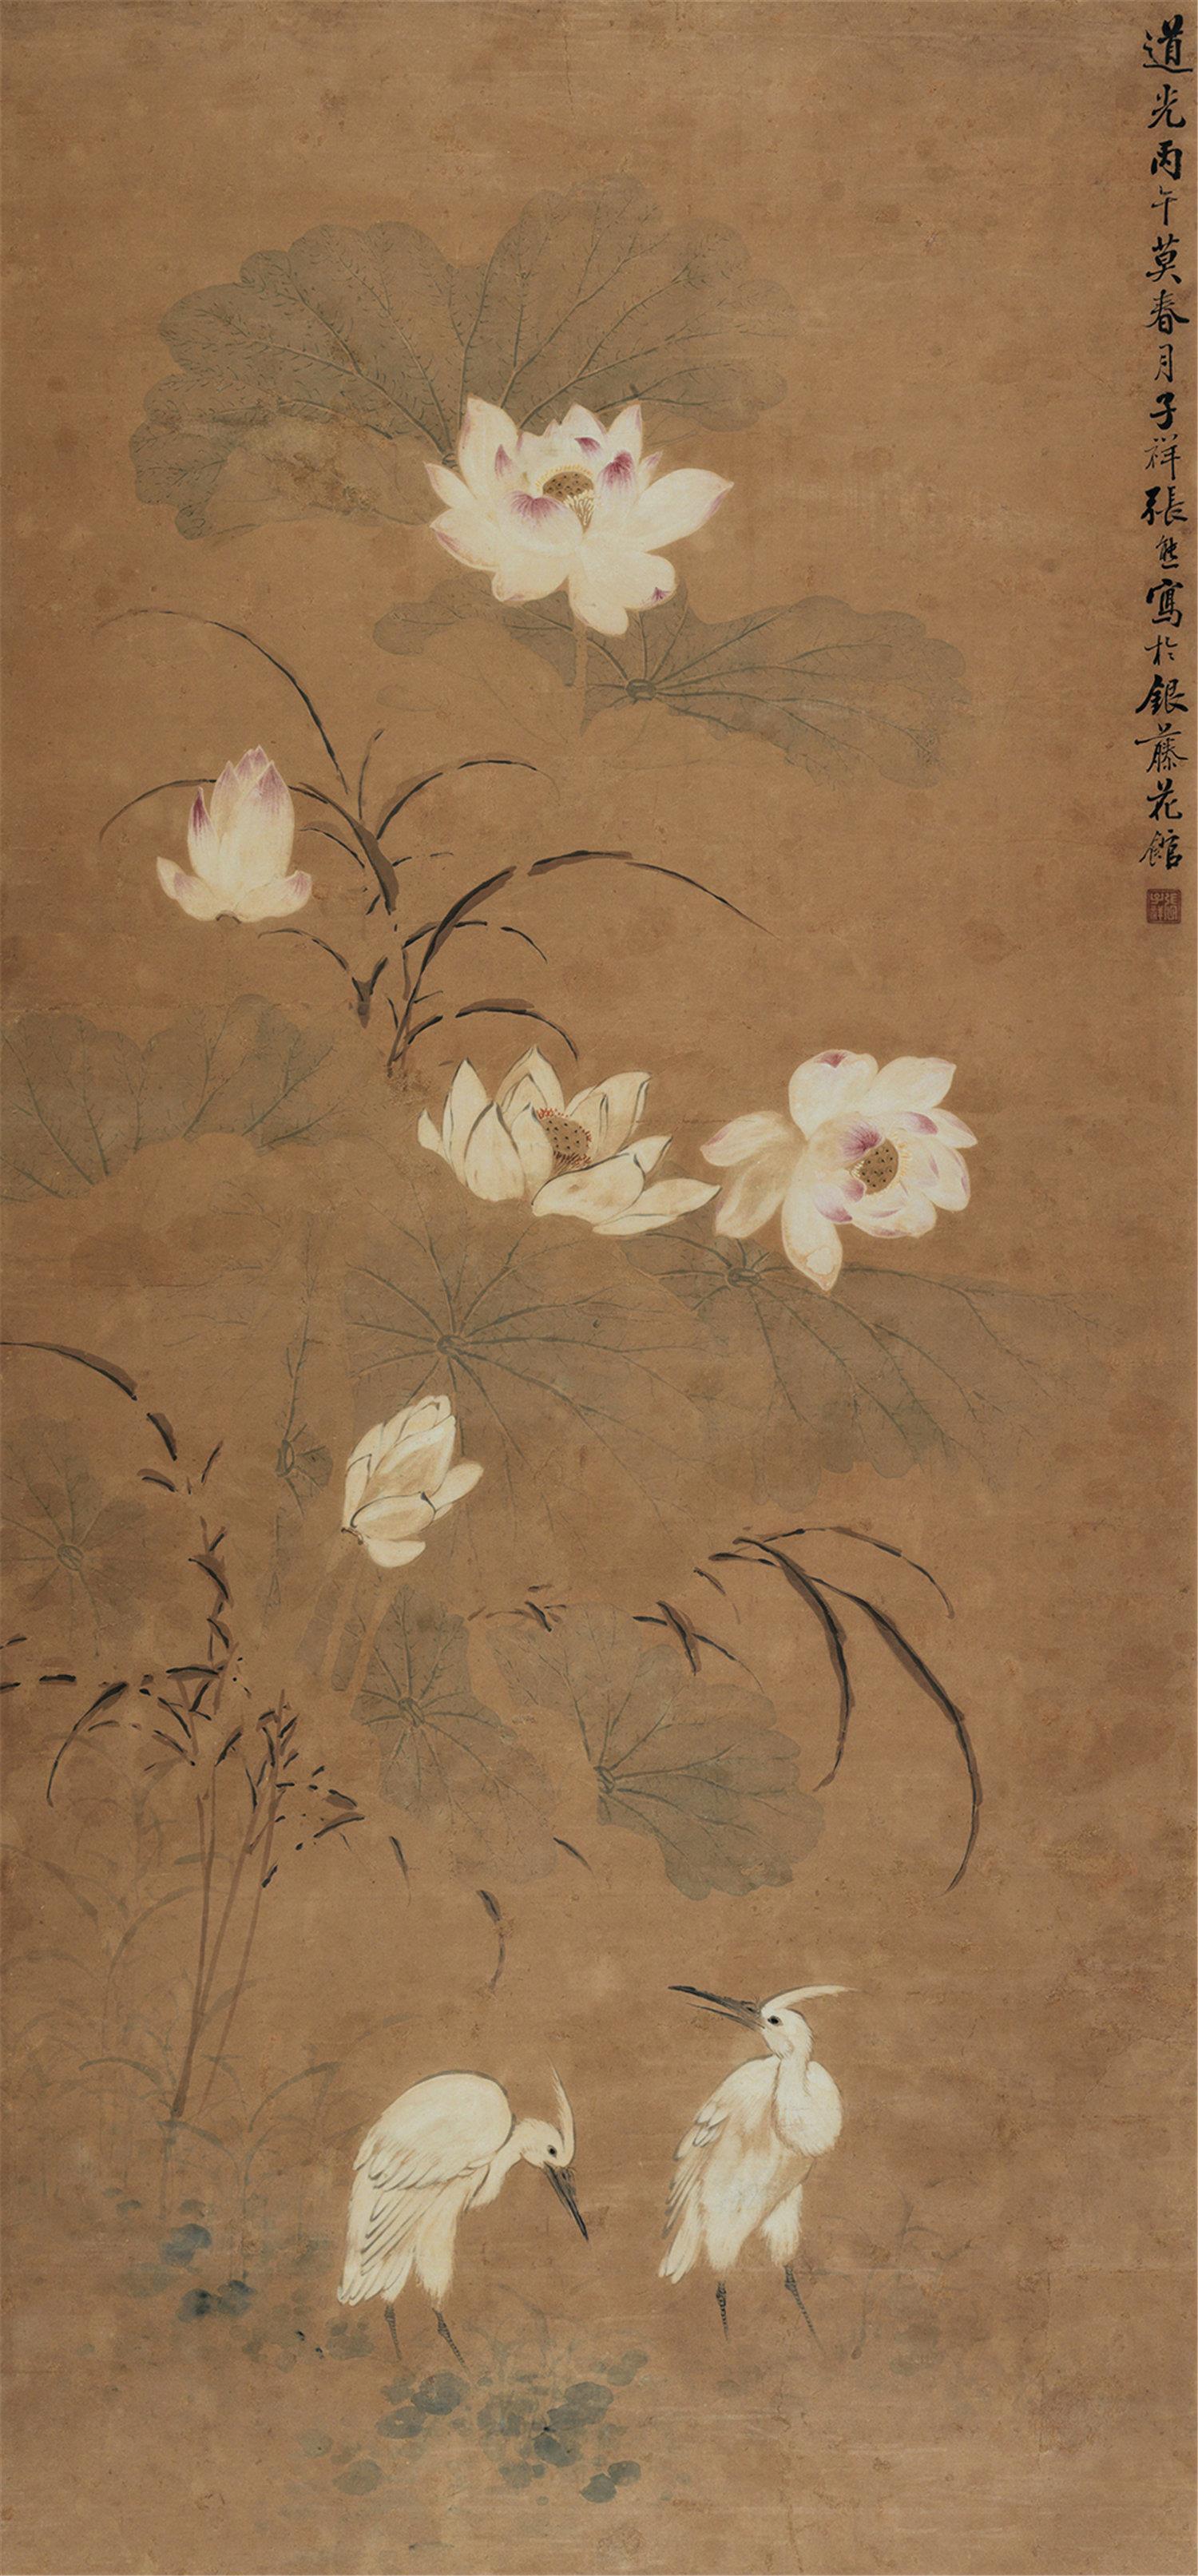 张熊(1803-1886)荷花白鹤